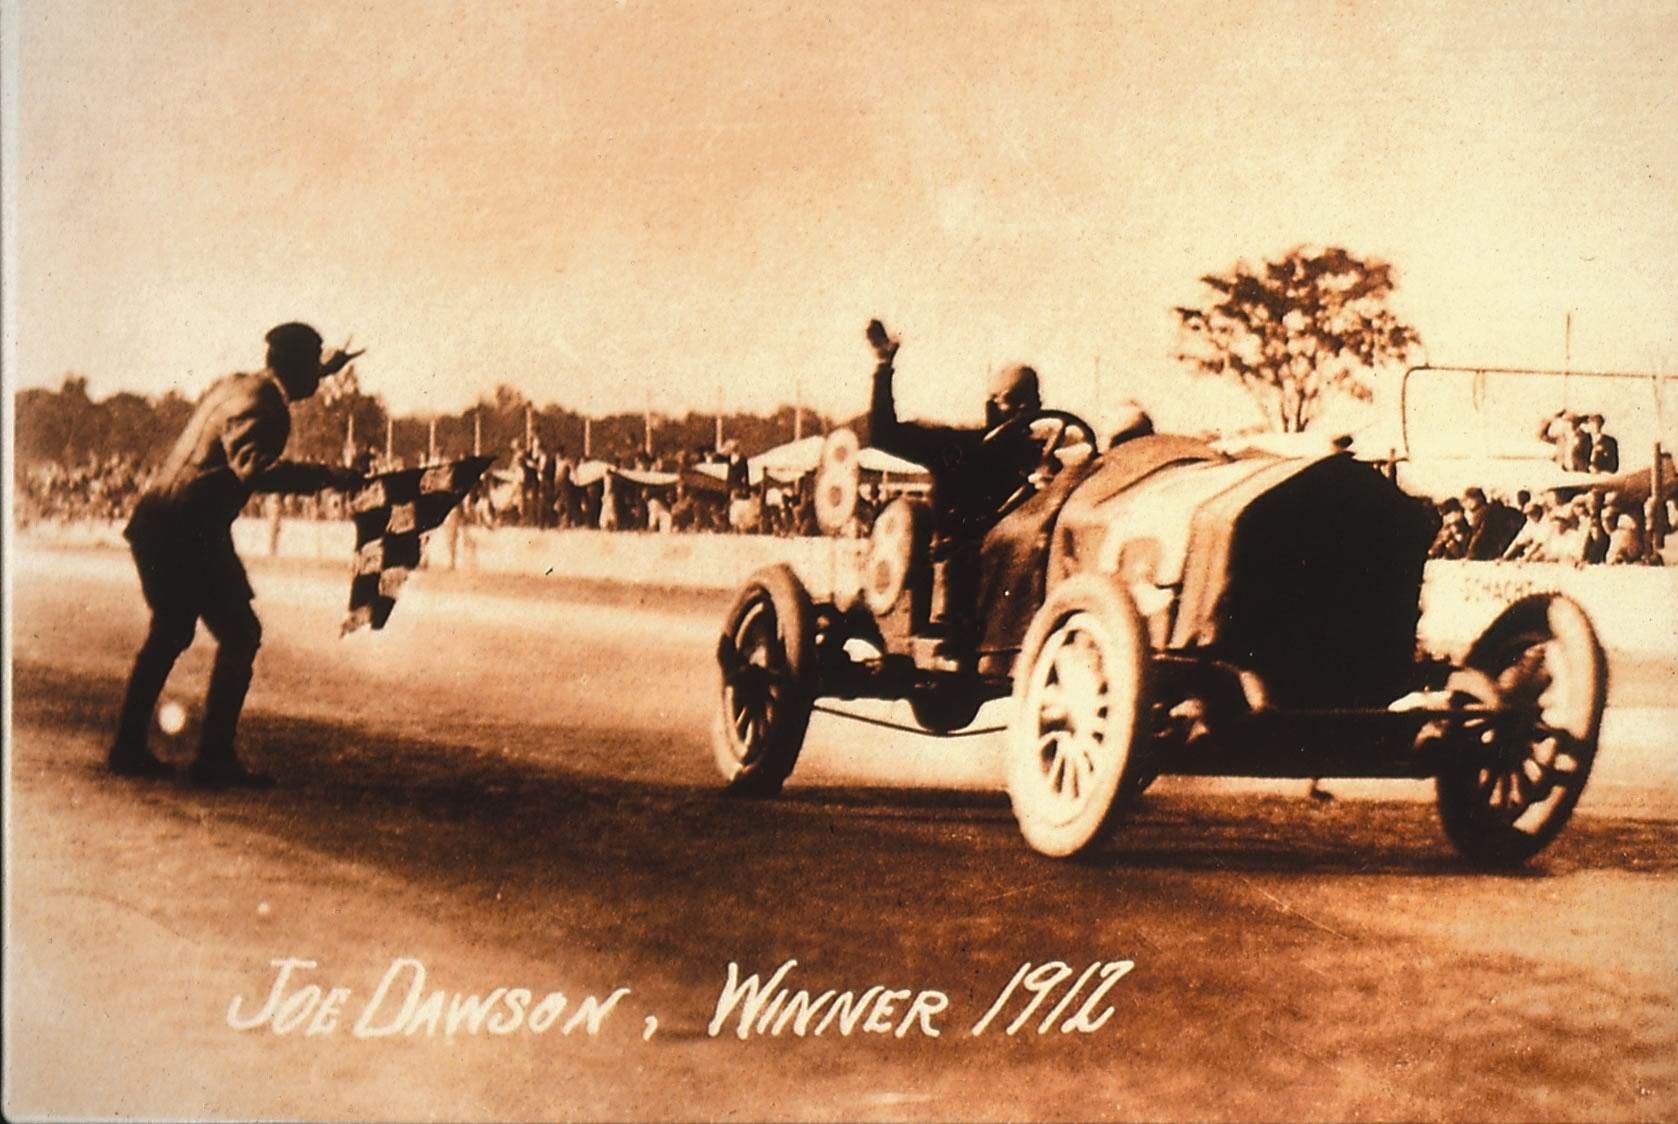 1912. Joe Dawson võitis Valvoline'i mootoriõli kasutades Indianapolise'i 500 miili sõidu.